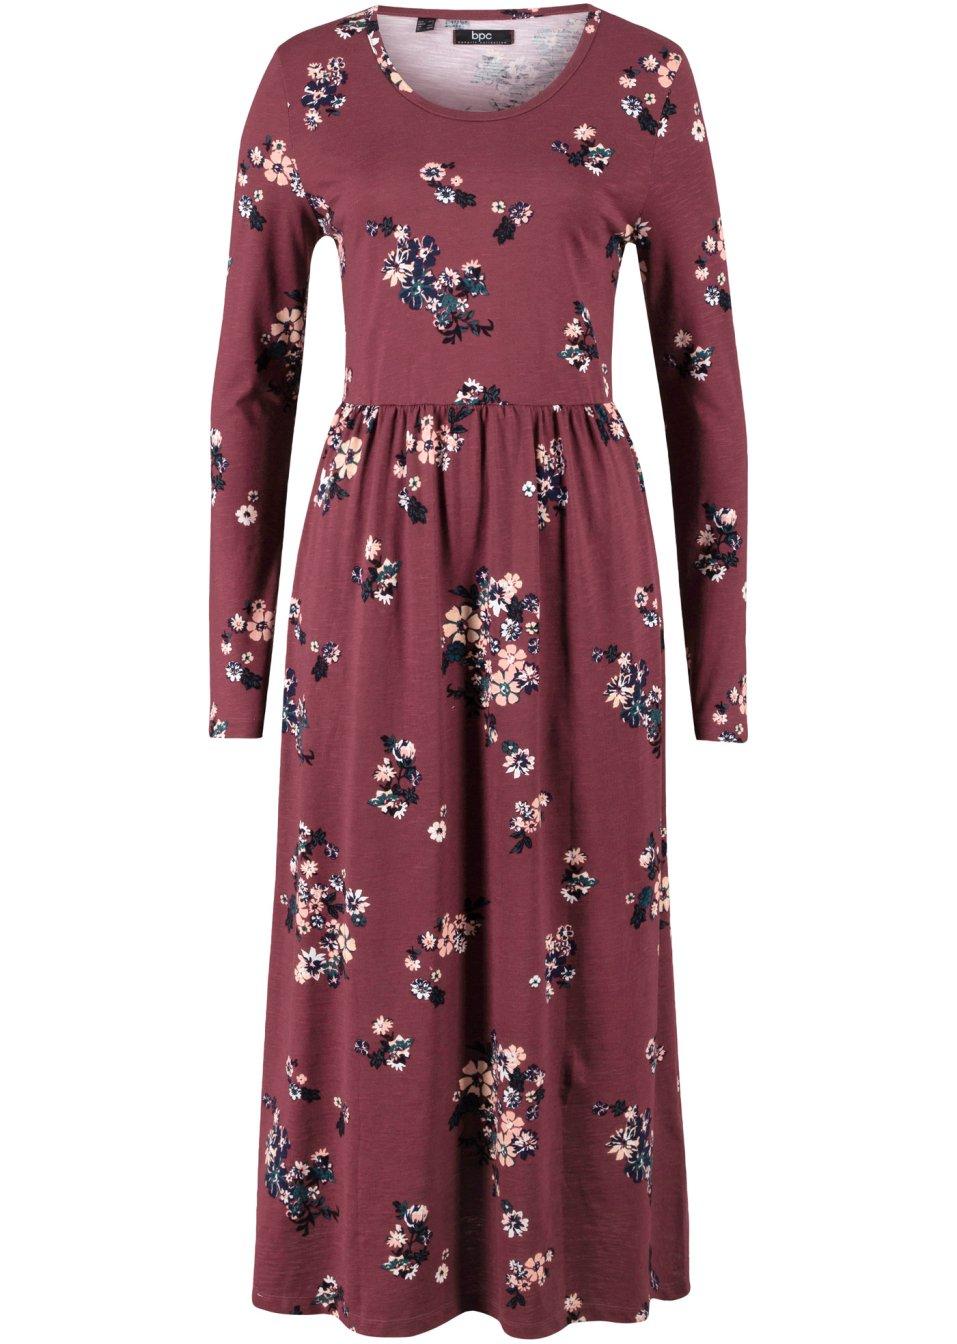 Baumwoll-Kleid in A-Linie geschnitten mit Rundhals-Ausschnitt - ahornrot/schwarz/tiefgrün/wollweiß/mitternachtsblau/rauchkoralle/melba geblümt k23dO LLzNk